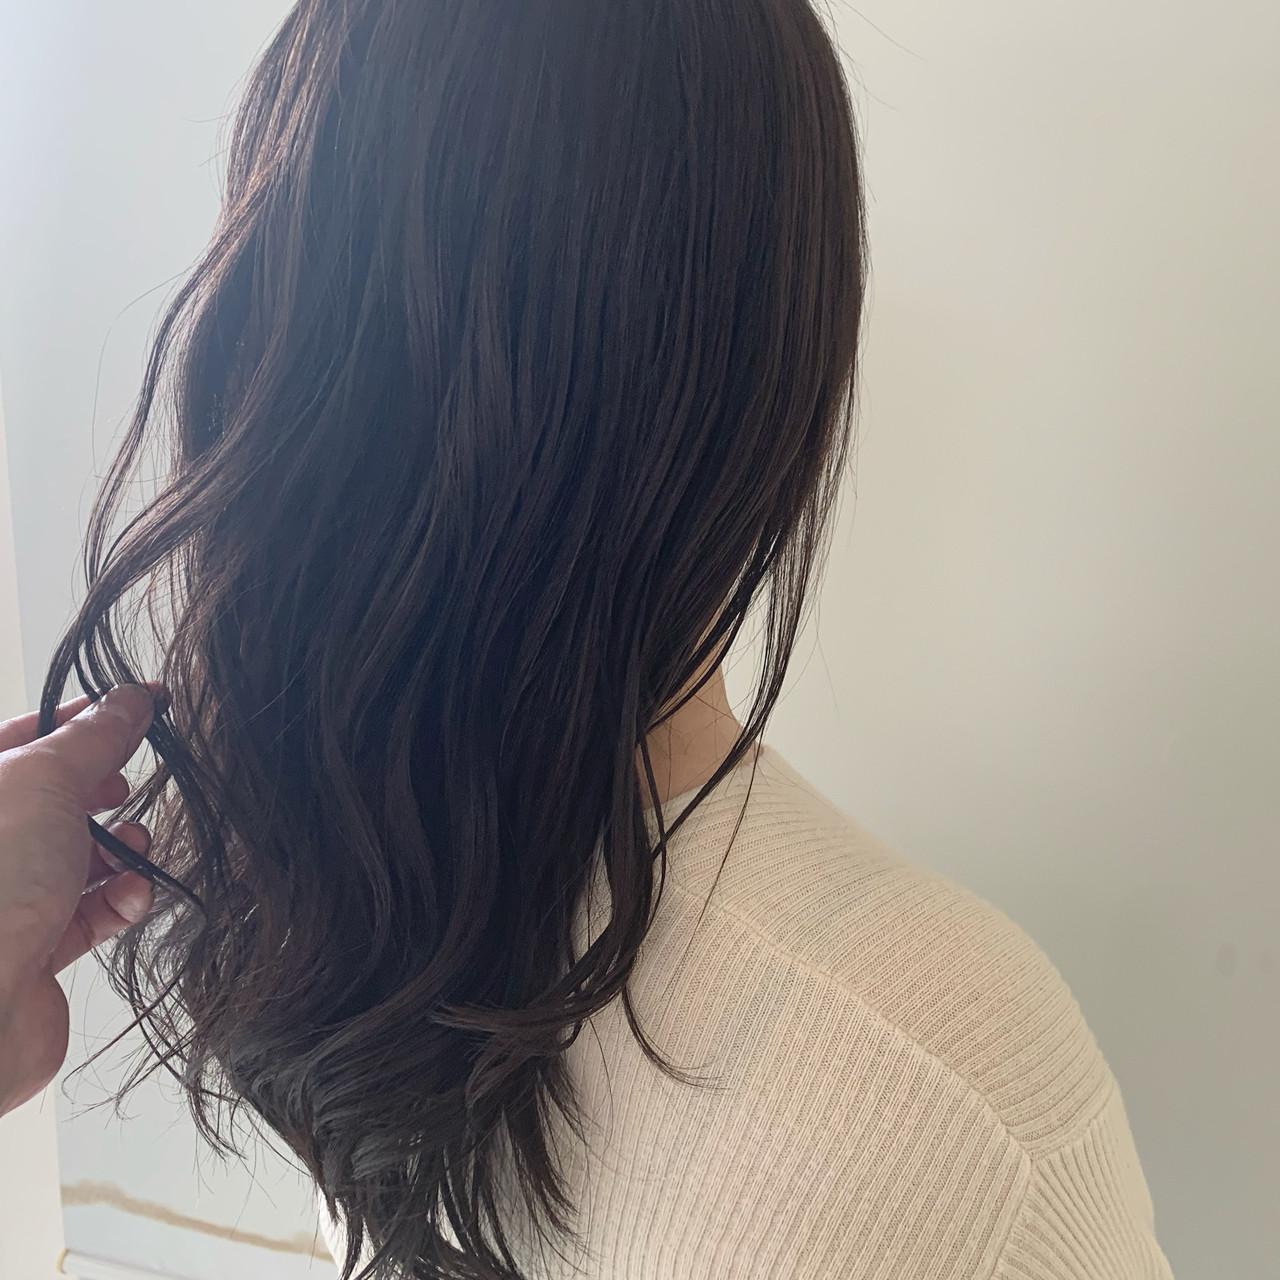 簡単ヘアアレンジ アンニュイほつれヘア セミロング 巻き髪 ヘアスタイルや髪型の写真・画像